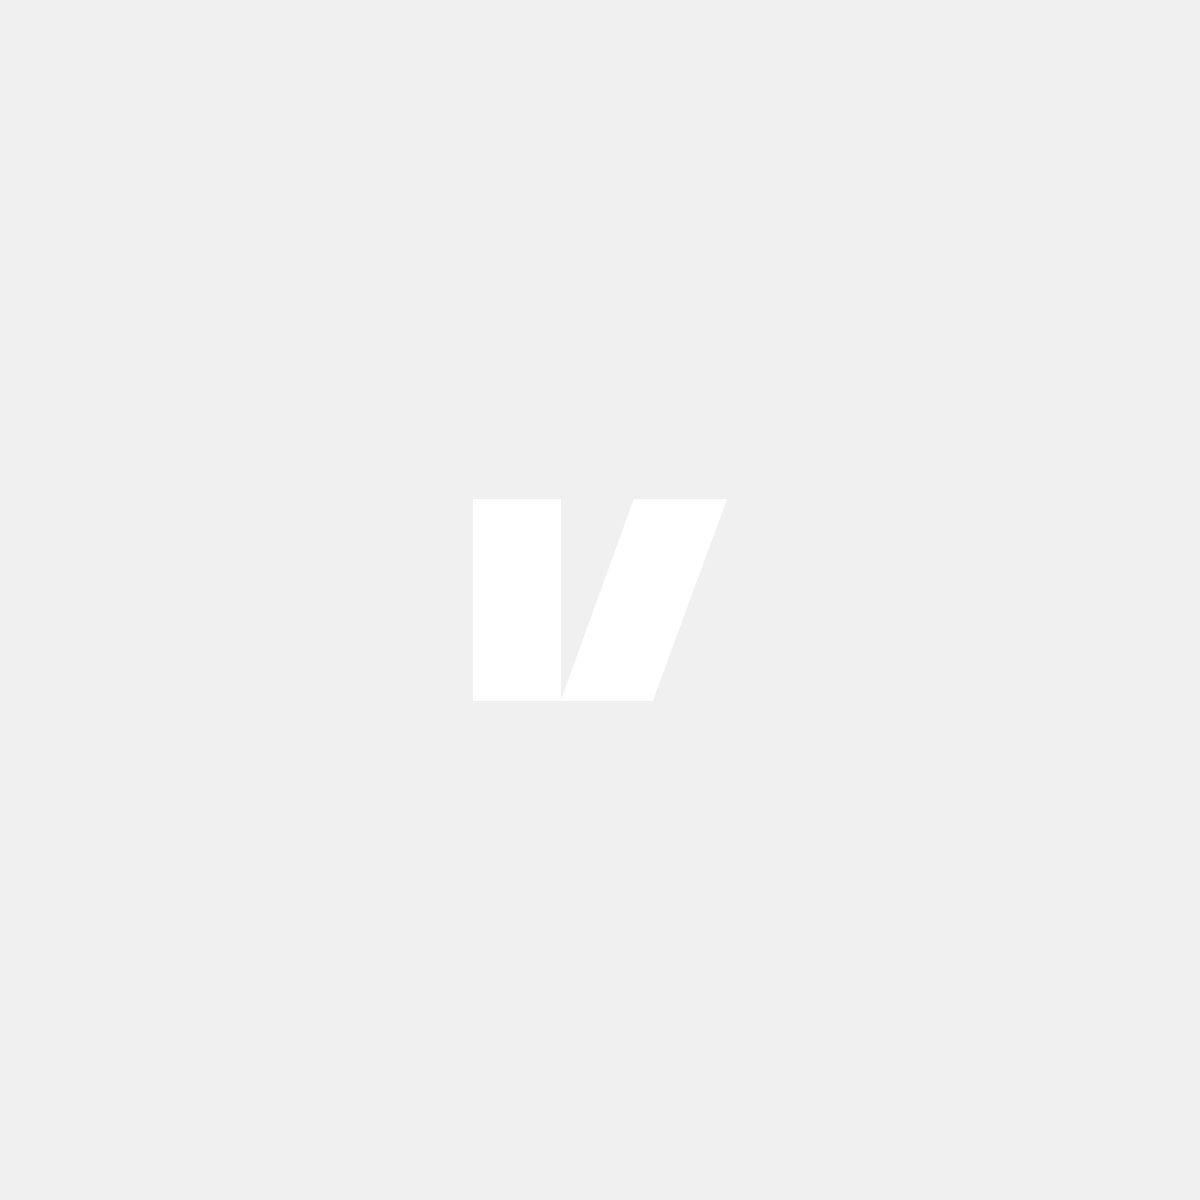 RTI-filter för flimrande skärm till Volvo S60, S80, V70, XC70